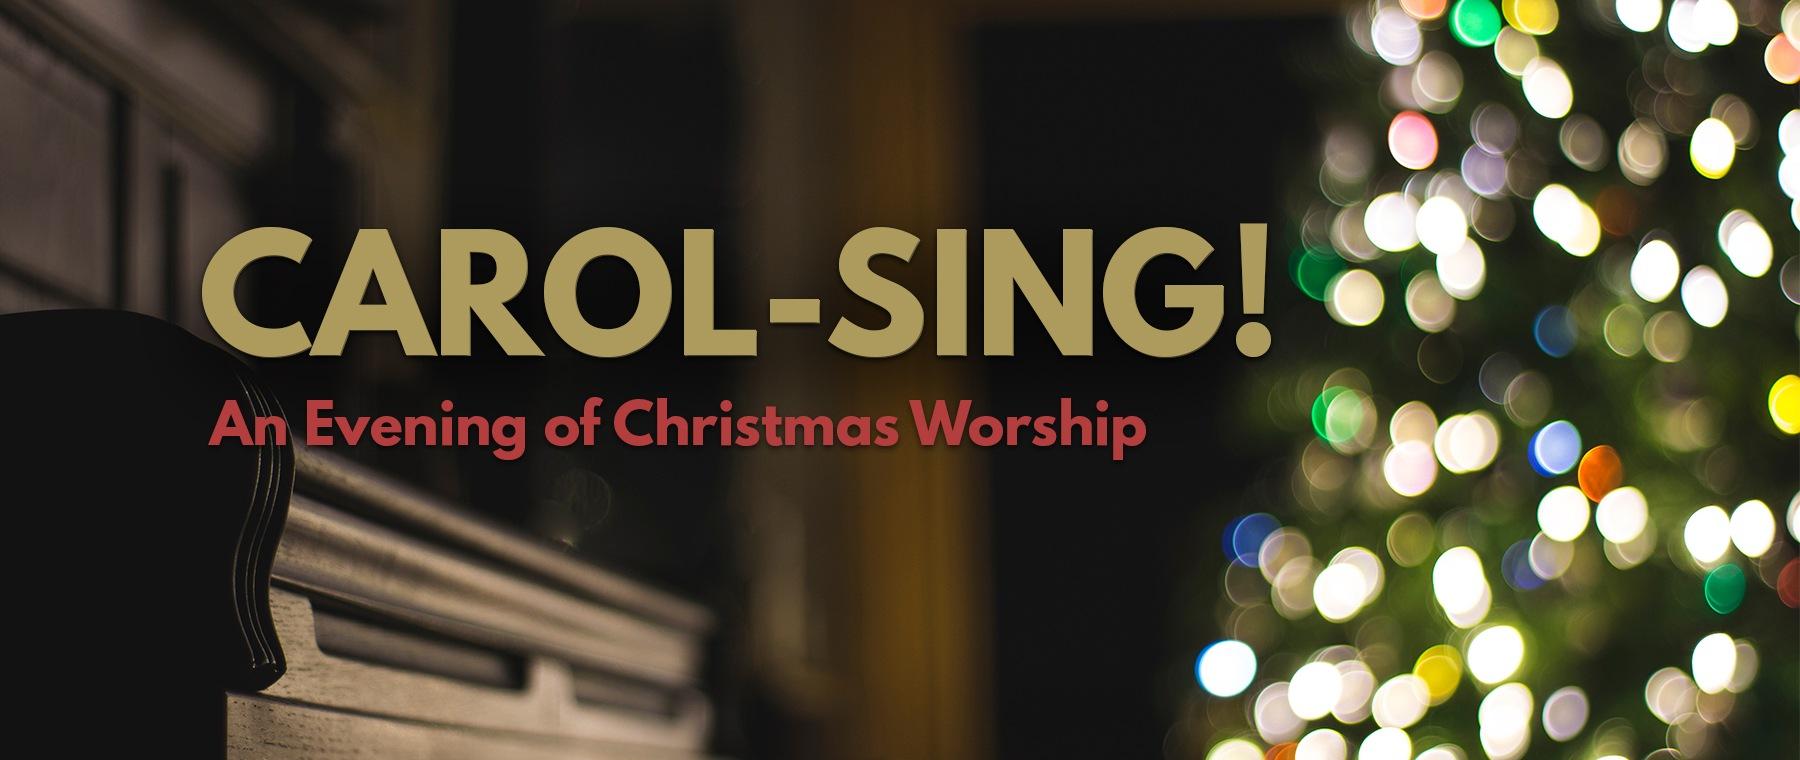 Carol-Sing